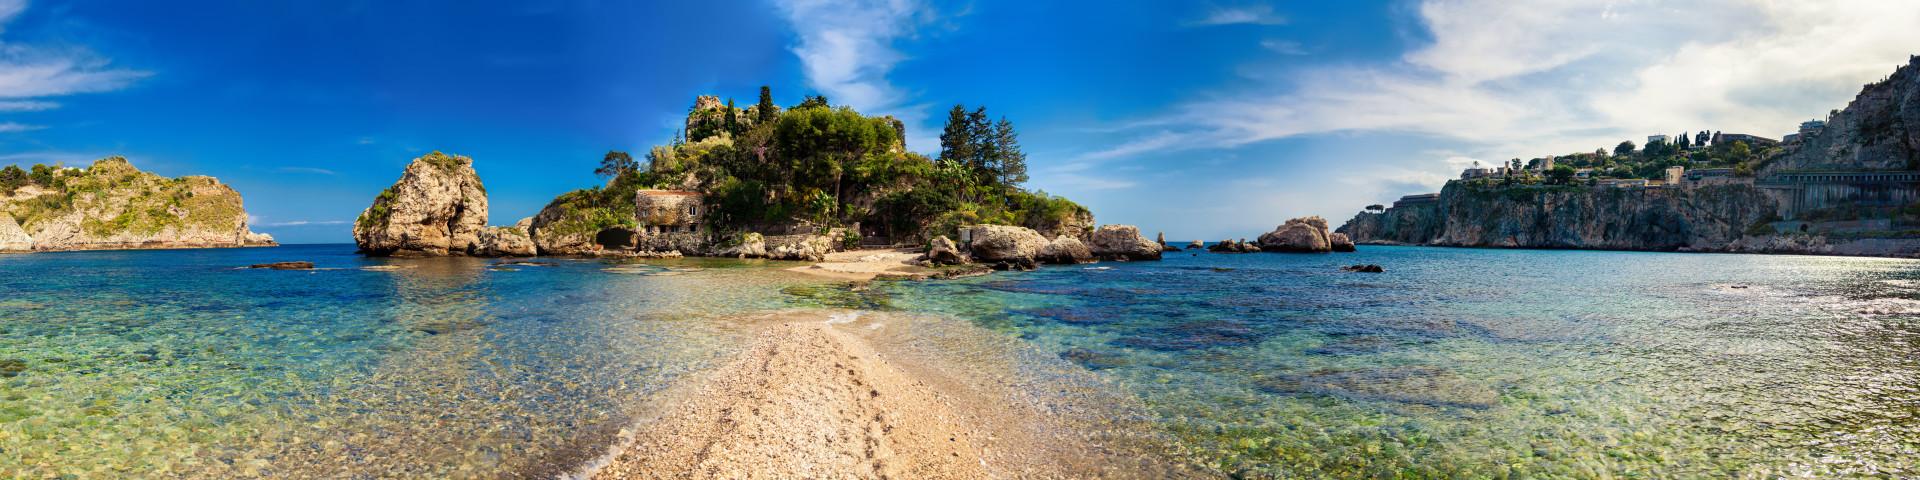 Taormina - ostrůvek Isola Bella